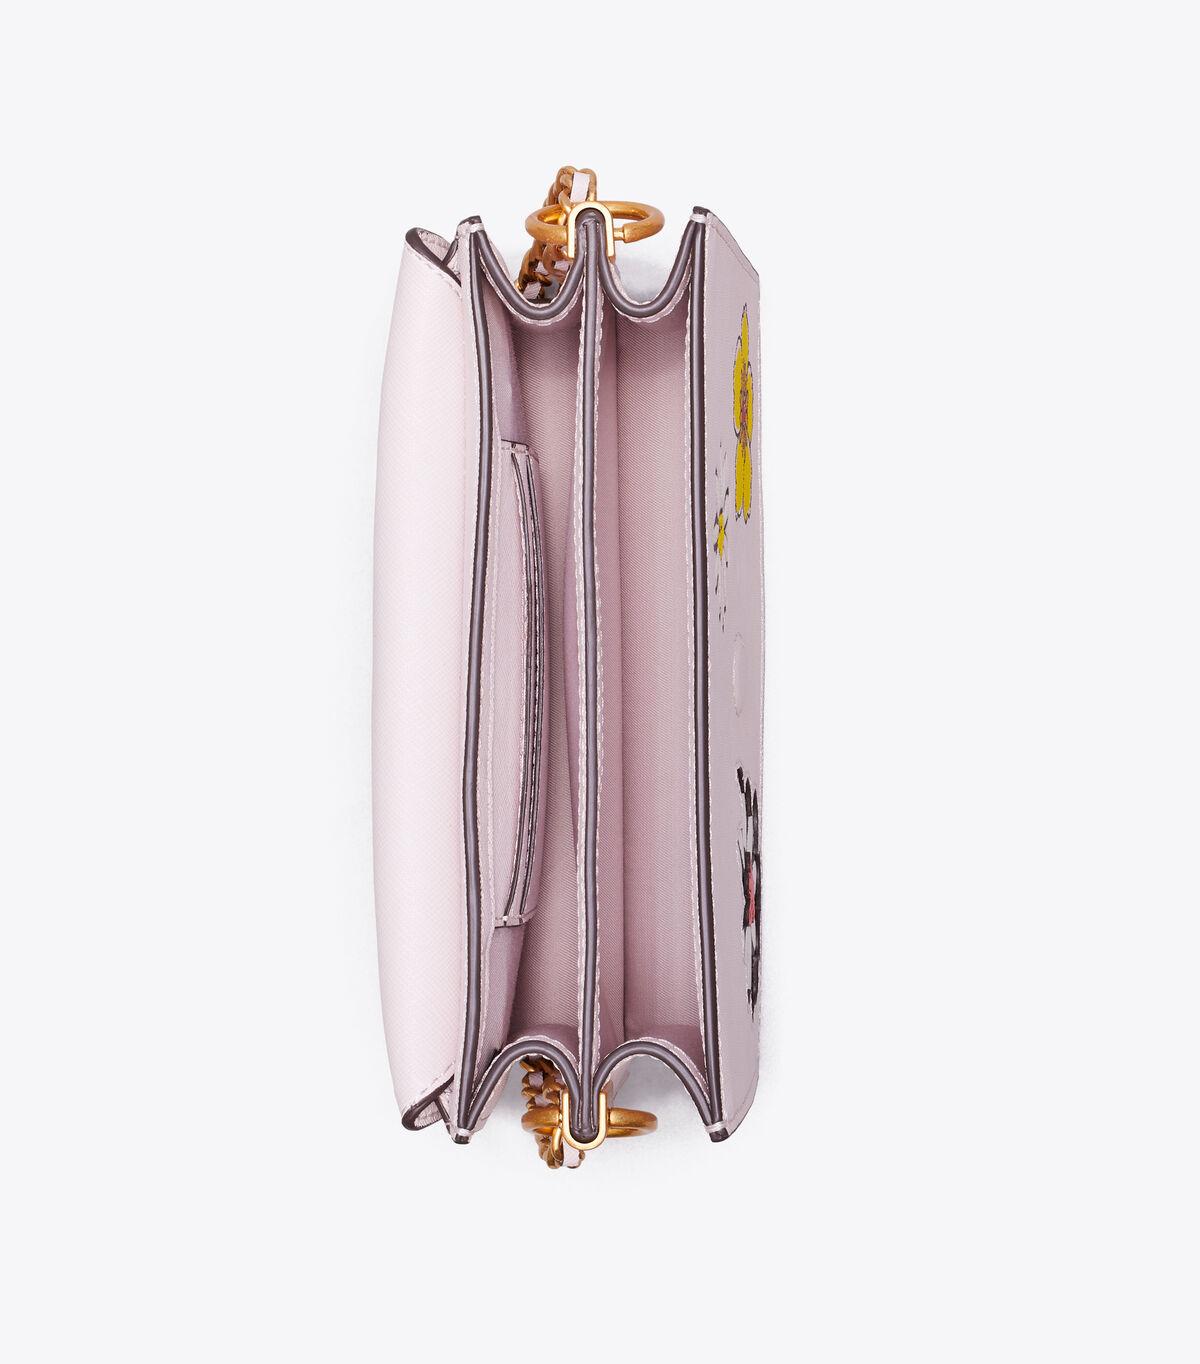 ROBINSON APPLIQUE MINI SHOULDER BAG